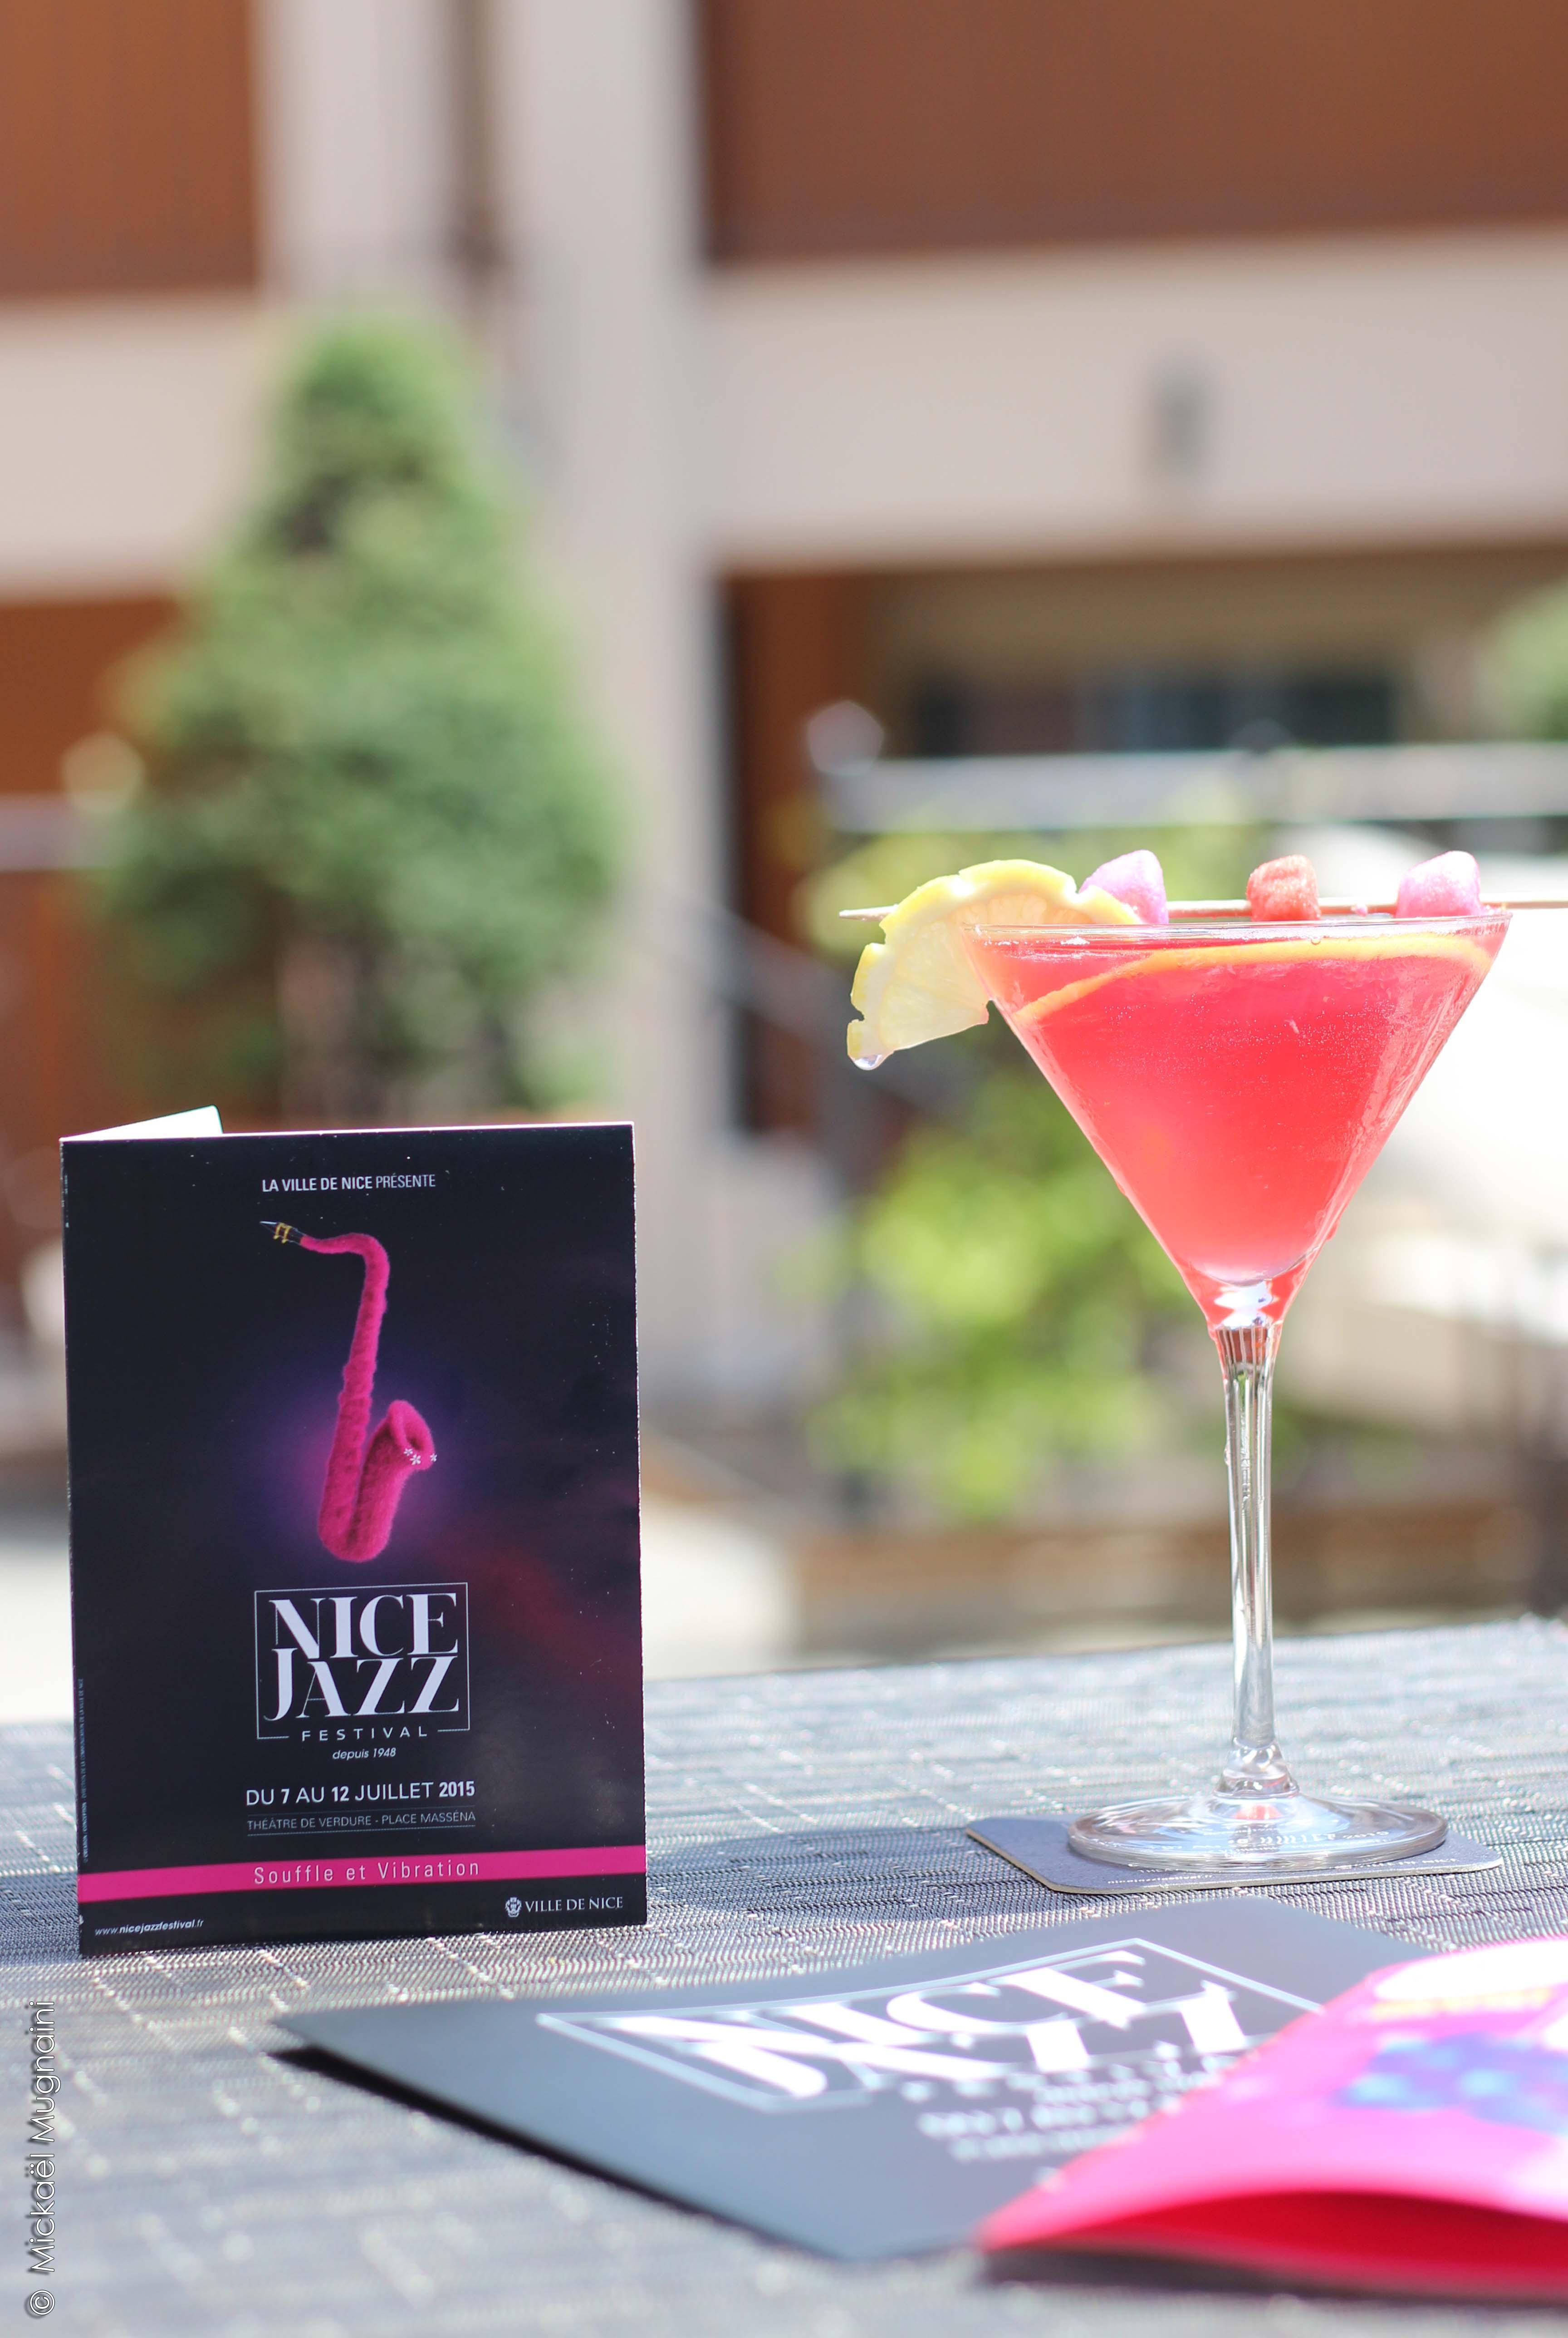 Nice Jazz Festival Cocktail - Hôtel Ellington Nice © Mickaël Mugnaini - Mister Riviera 2015